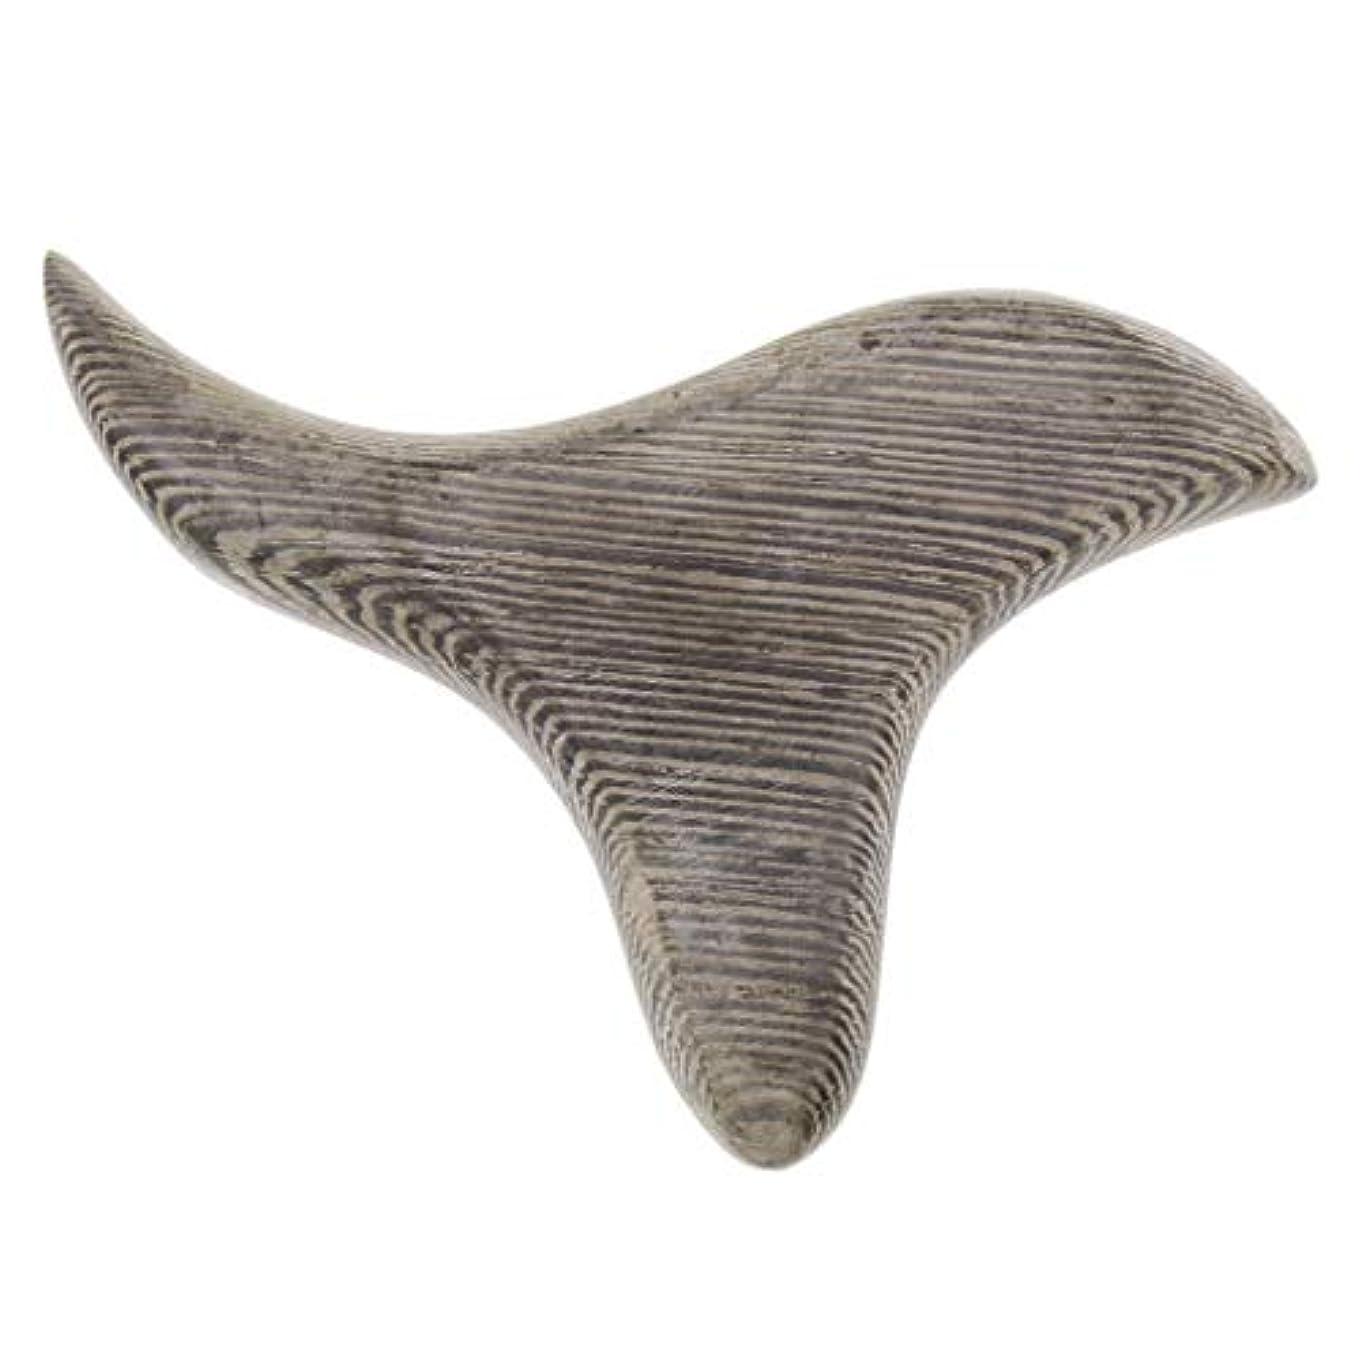 ブロンズコレクション委任FLAMEER 三角形 マッサージボード 掻き板 木製